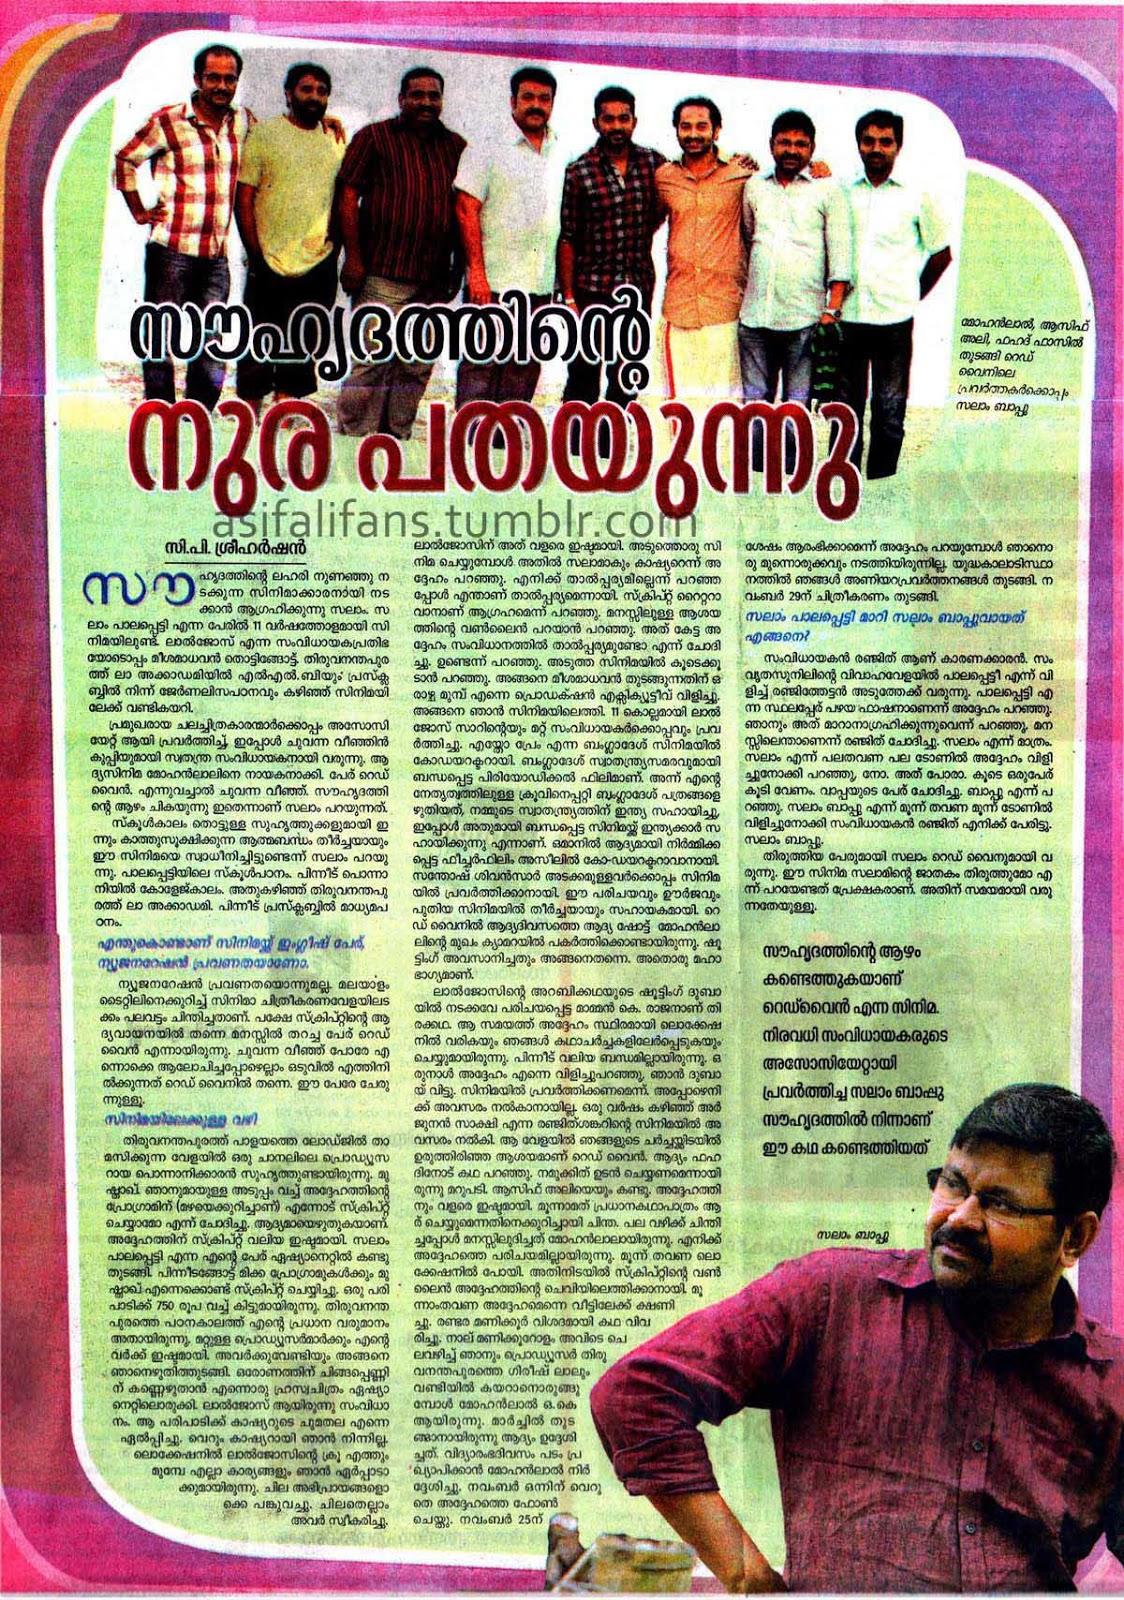 malayalam essay on kerala tourism Kerala newspaper principal languages of publication are malayalam and english malayala manorama, mathrubhumi, kerala kaumudi, desabhimani ,deepika and many more famous newpapers.